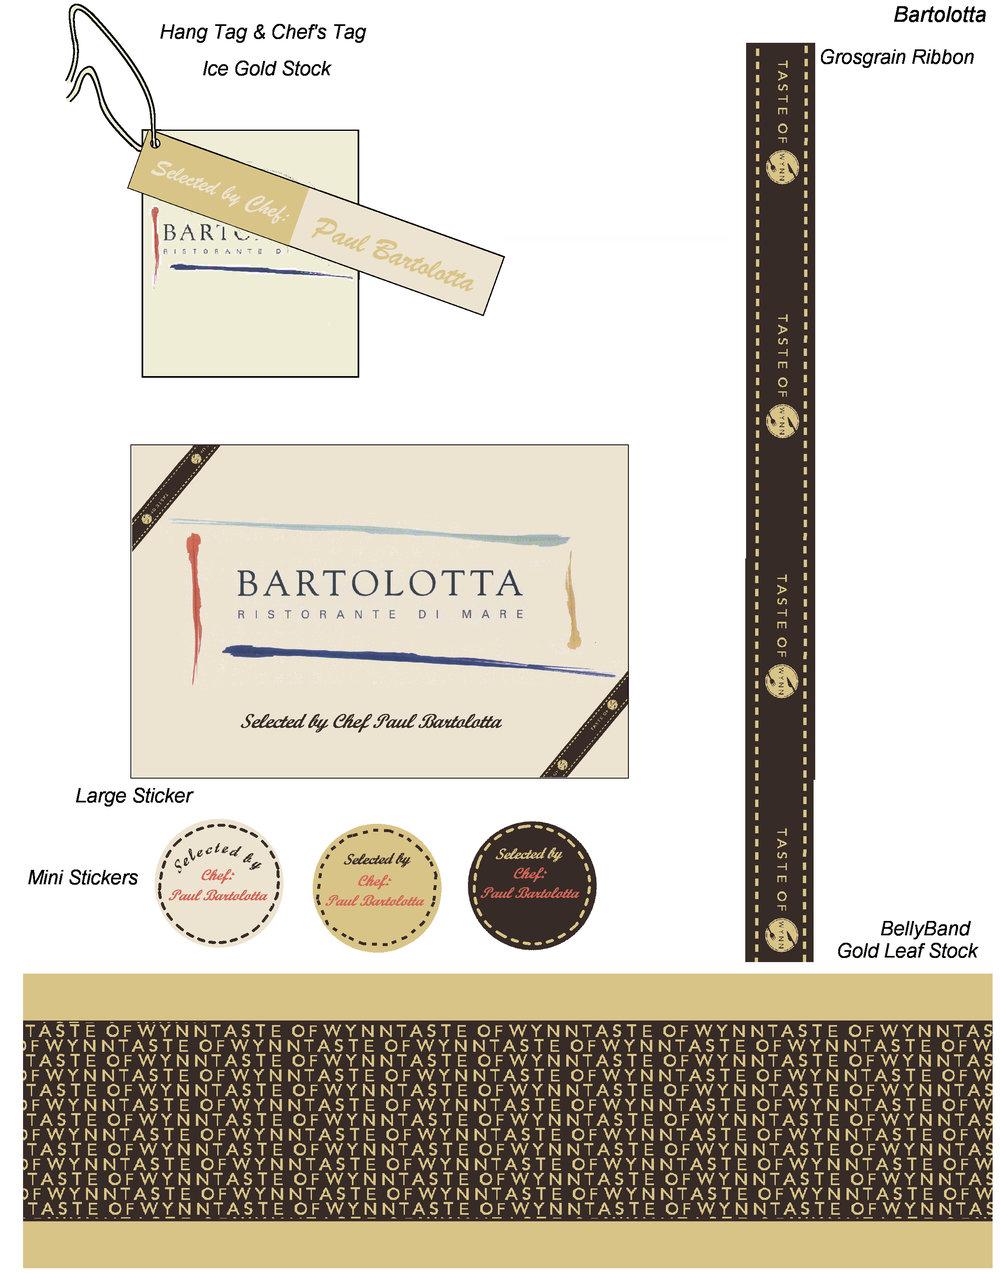 PG-BartolottaPage1.jpg